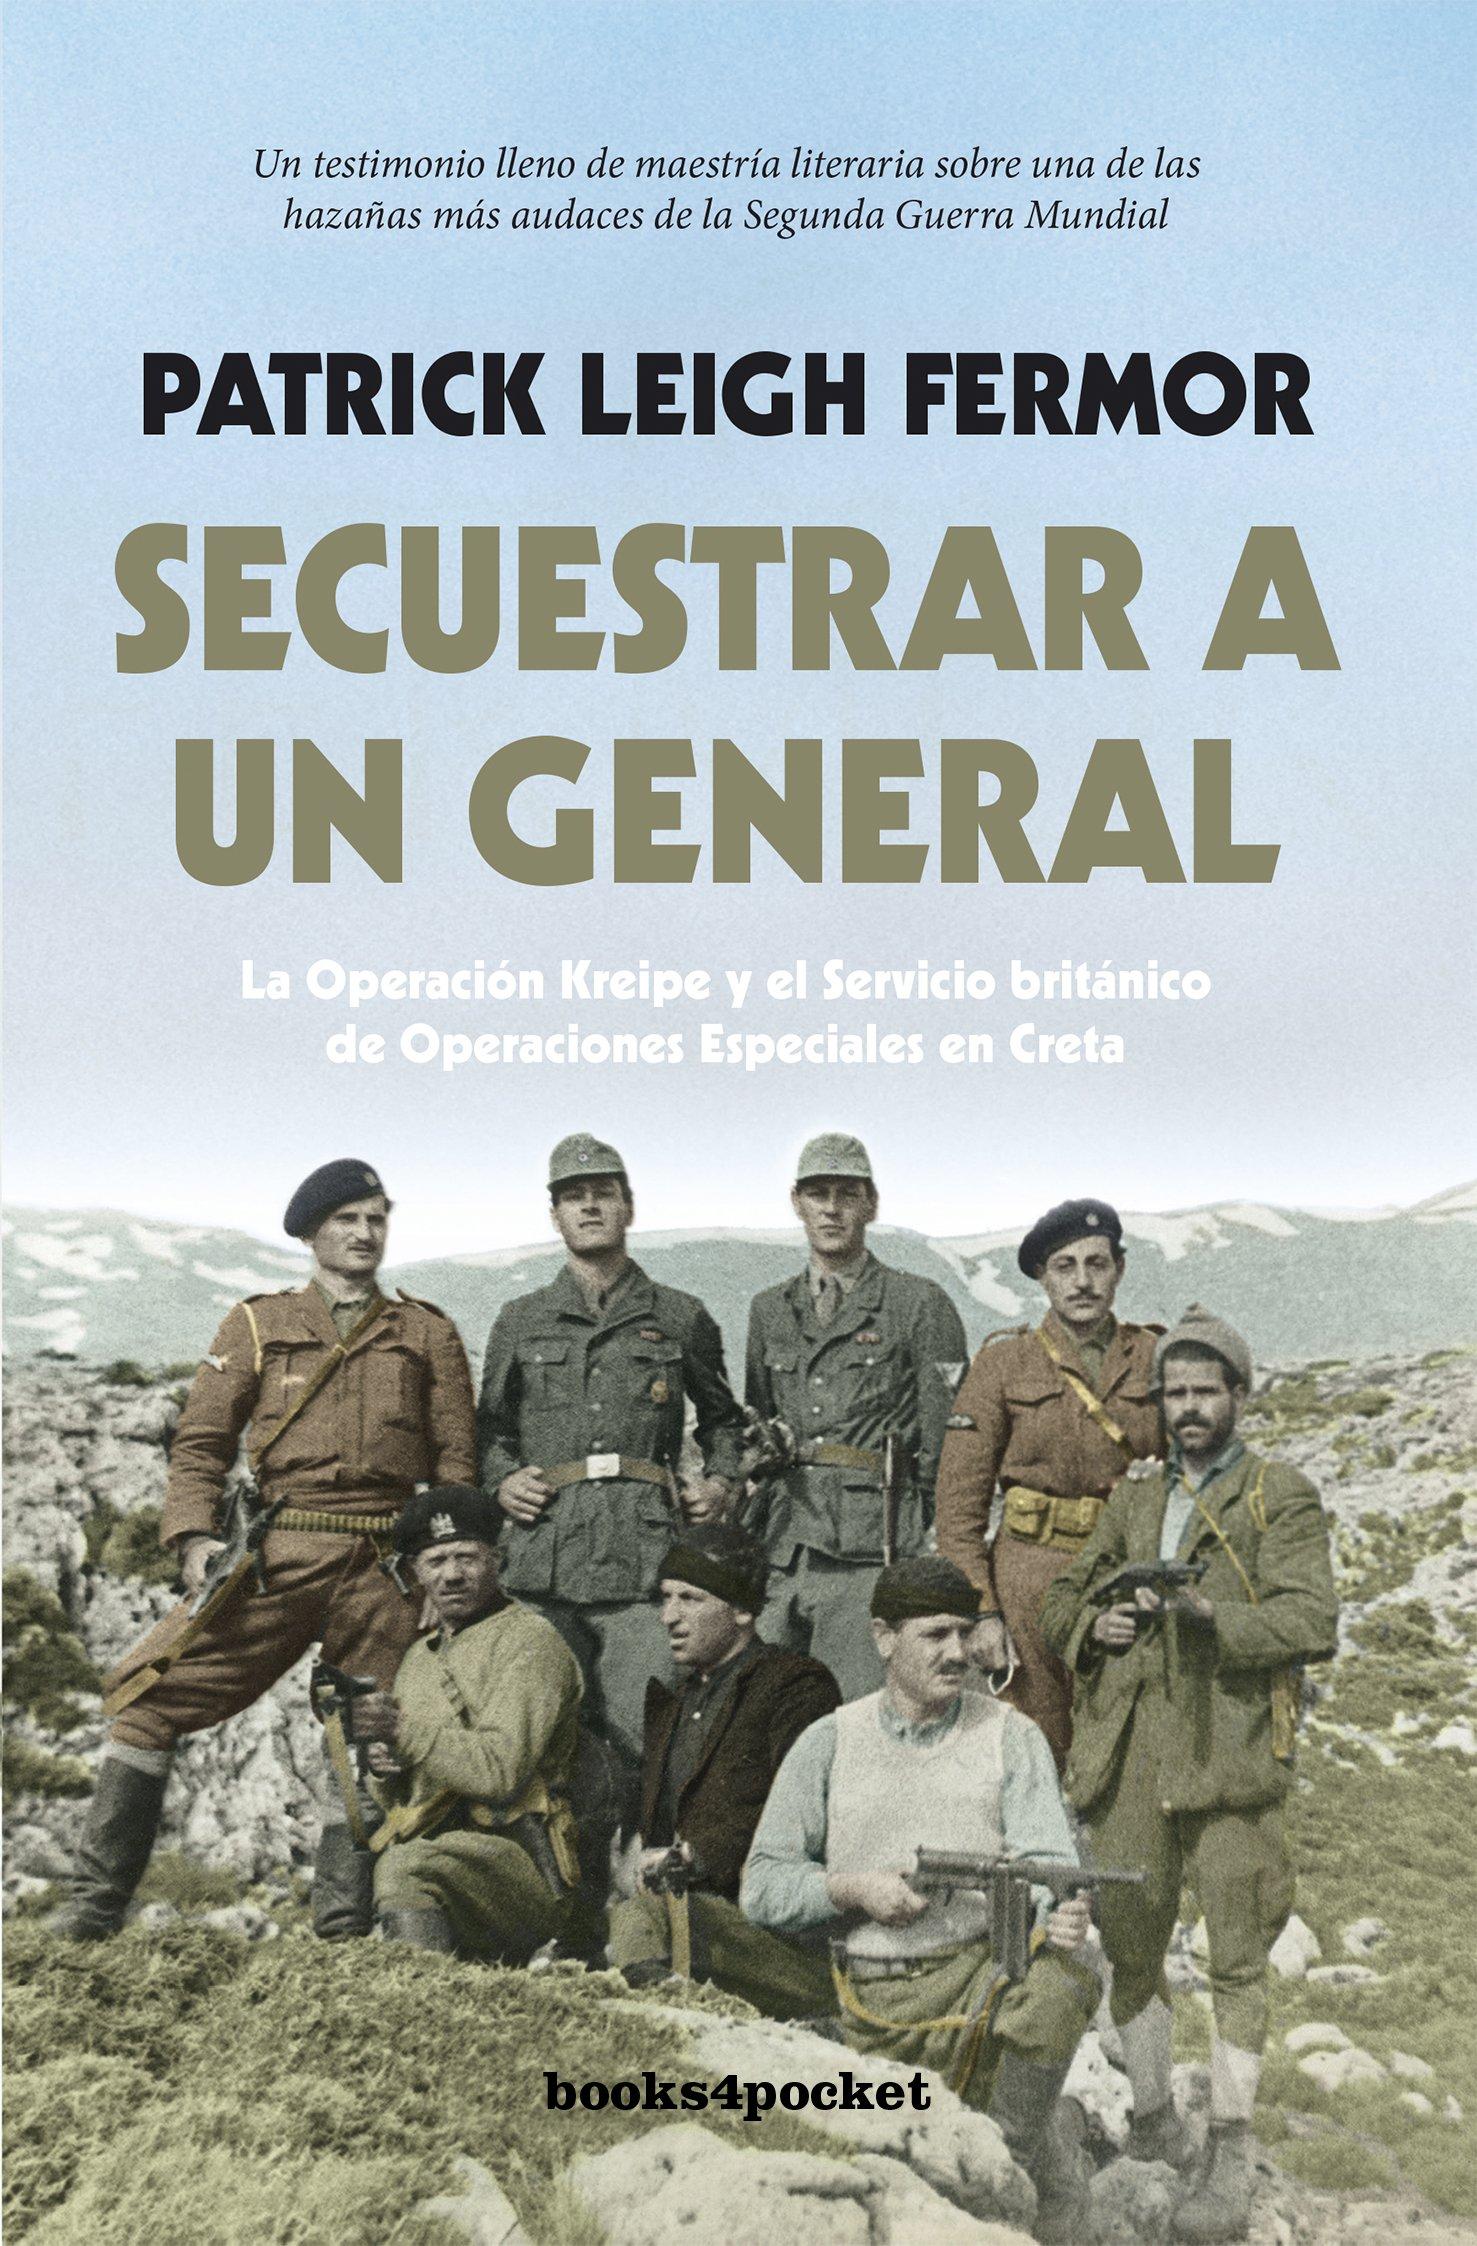 Secuestrar a un general: La Operación Kreipe y el Servicio británico de Operaciones Especiales en Creta Narrativa Bolsillo: Amazon.es: Leigh Fermor, Patrick: Libros